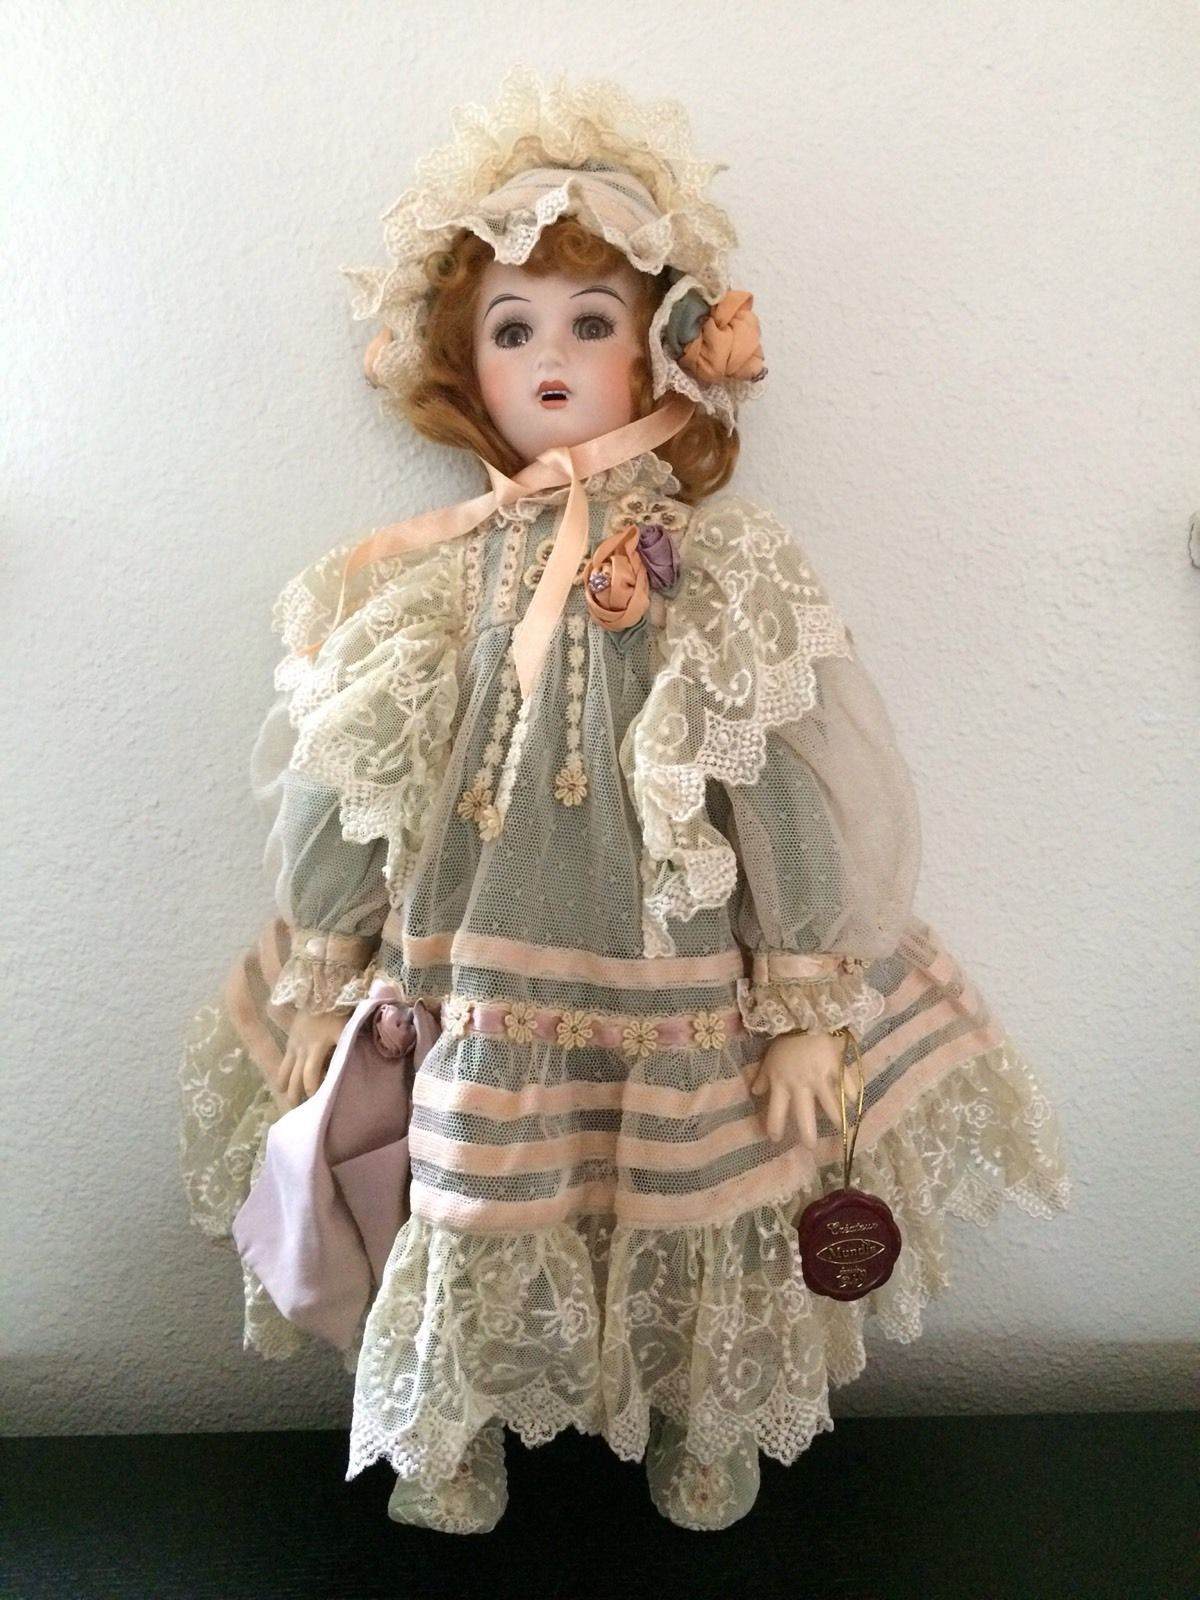 Mundia Porcelain Doll 6302B in | eBay